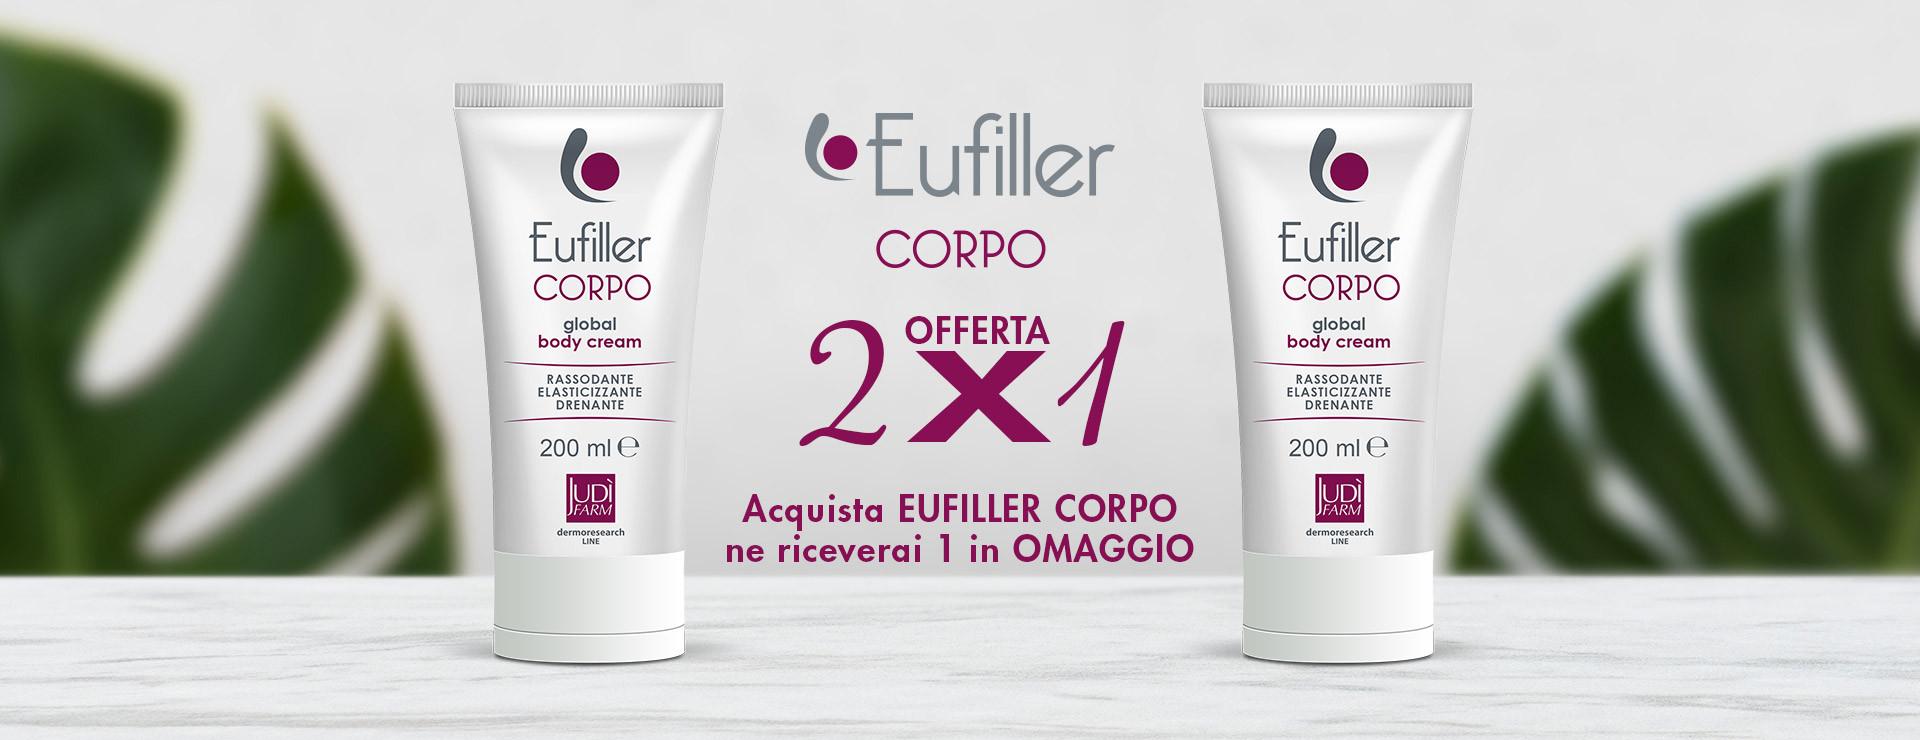 OFFERTA Eufiller Corpo